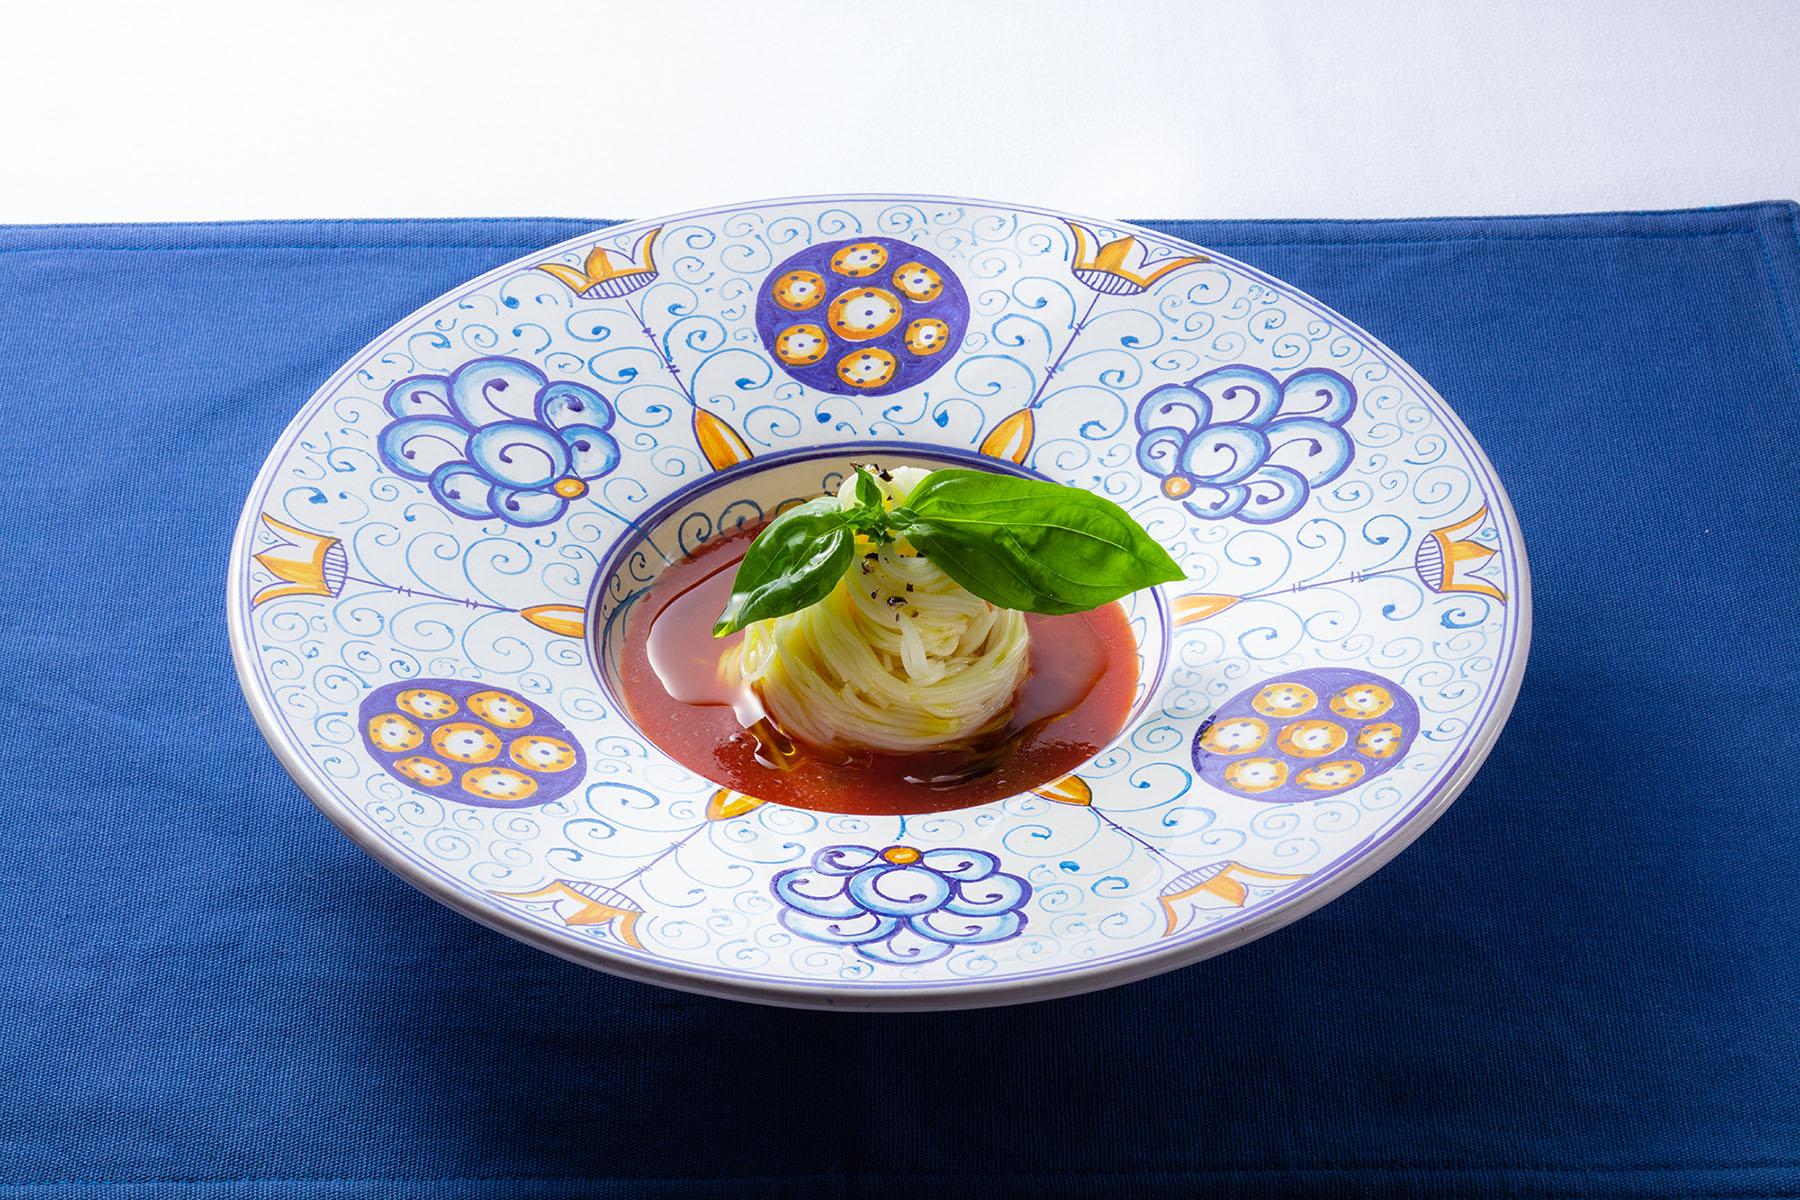 Italian sōmen noodles